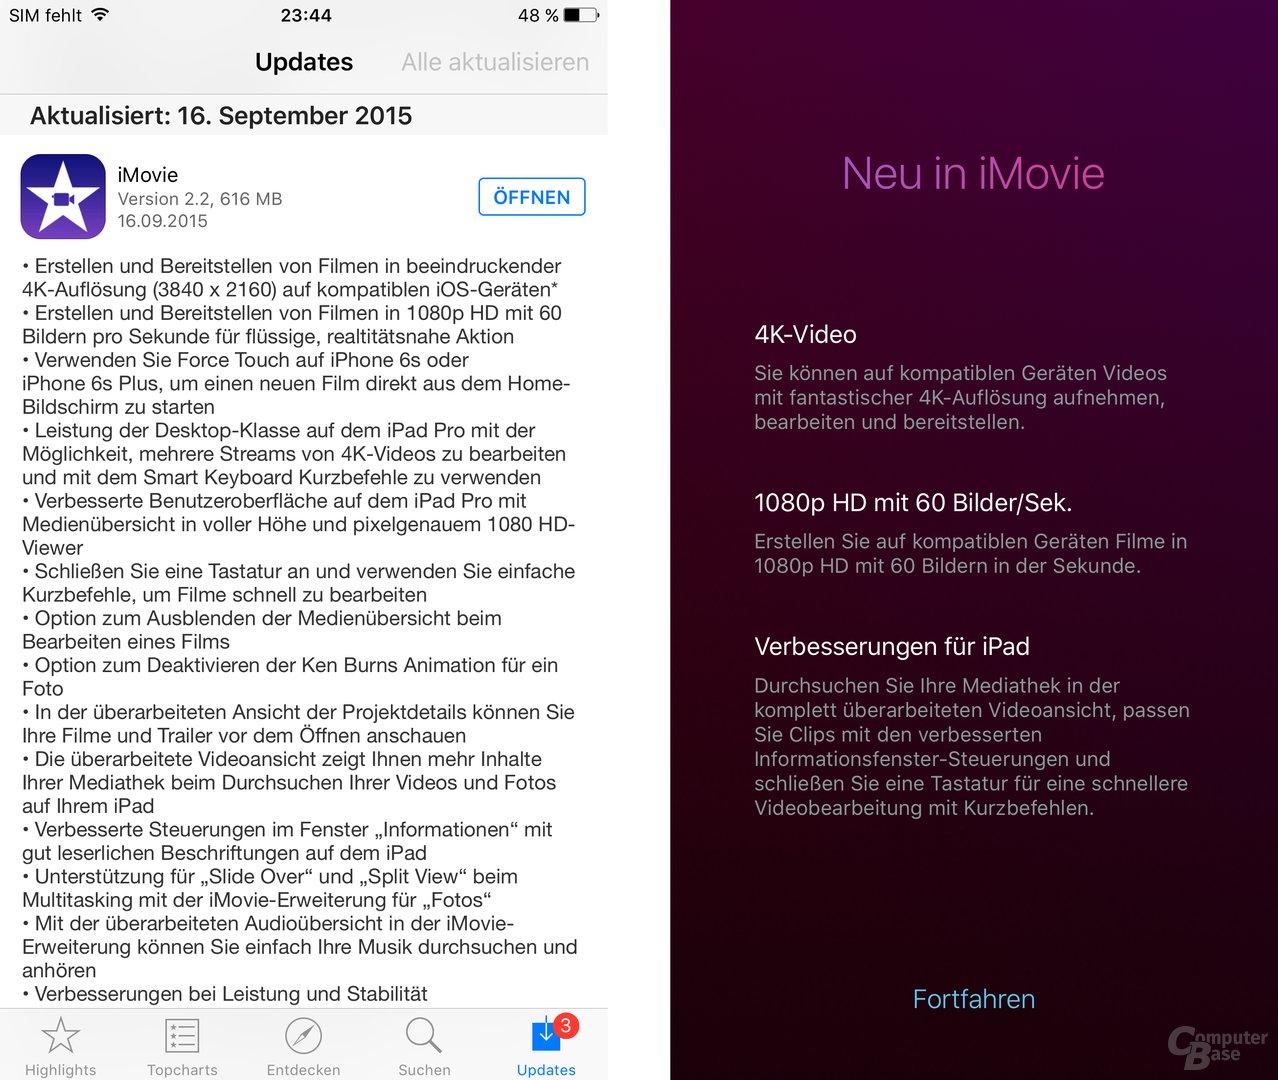 Veränderungen in iMovie 2.2